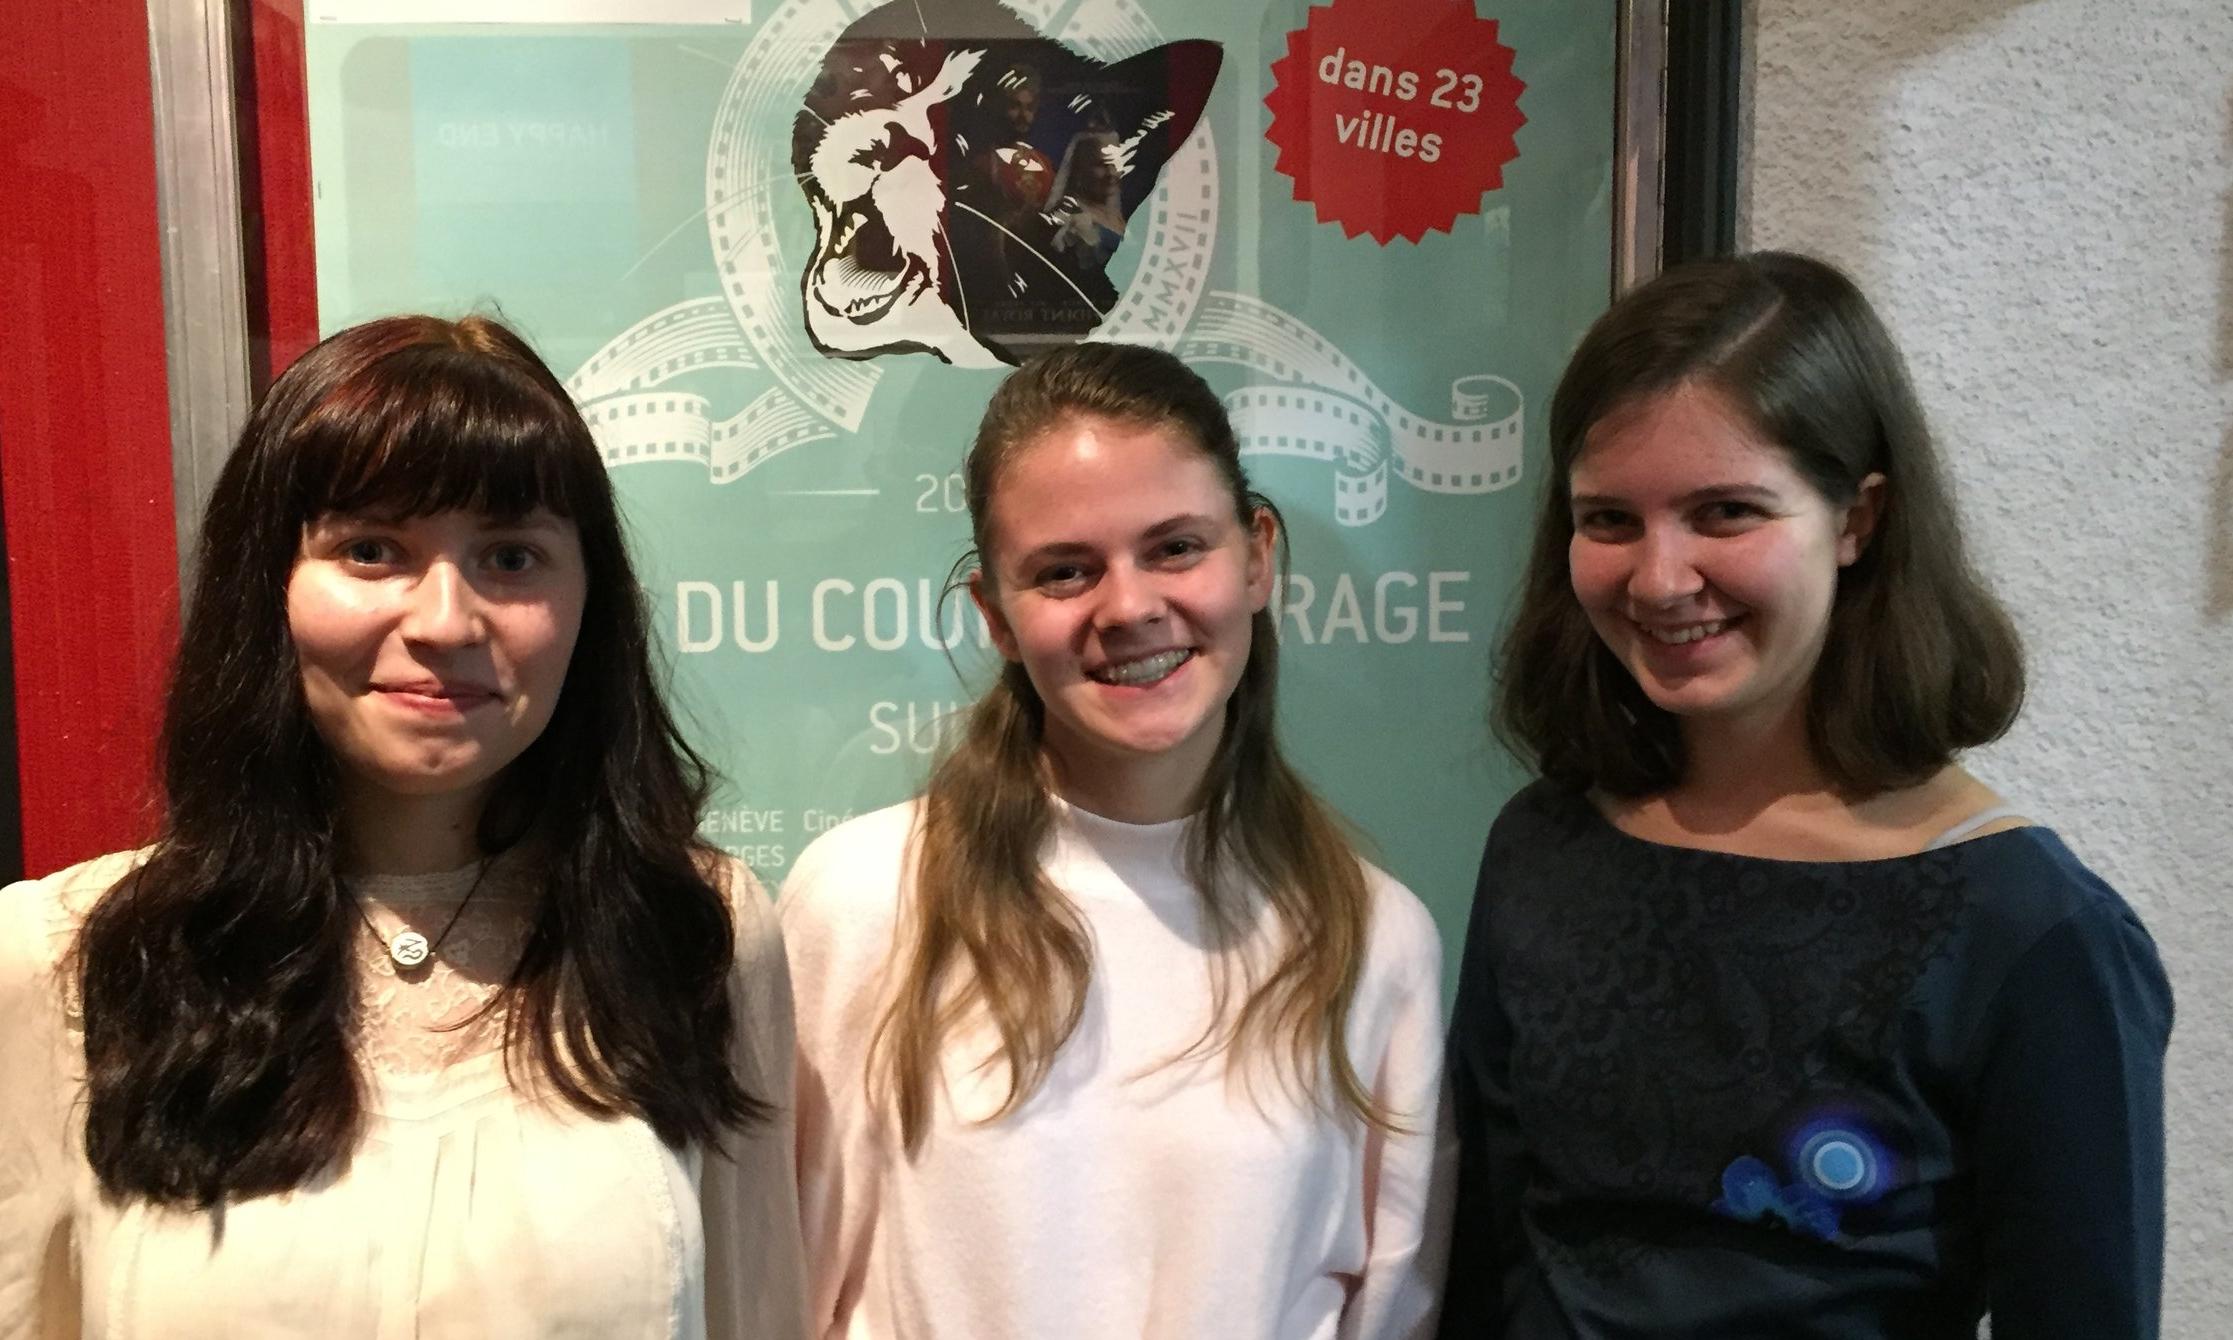 Prix RTS du Jury des jeunesNuit du Court de Fribourg - Pour sa réalisation, pour son sujet d'actualité et la façon nouvelle dont il était traité, et surtout parce qu'il nous a beaucoup émues, nous avons choisi BON VOYAGE, de Mark Wilkins.Sorina, Alexandra et Jeanne